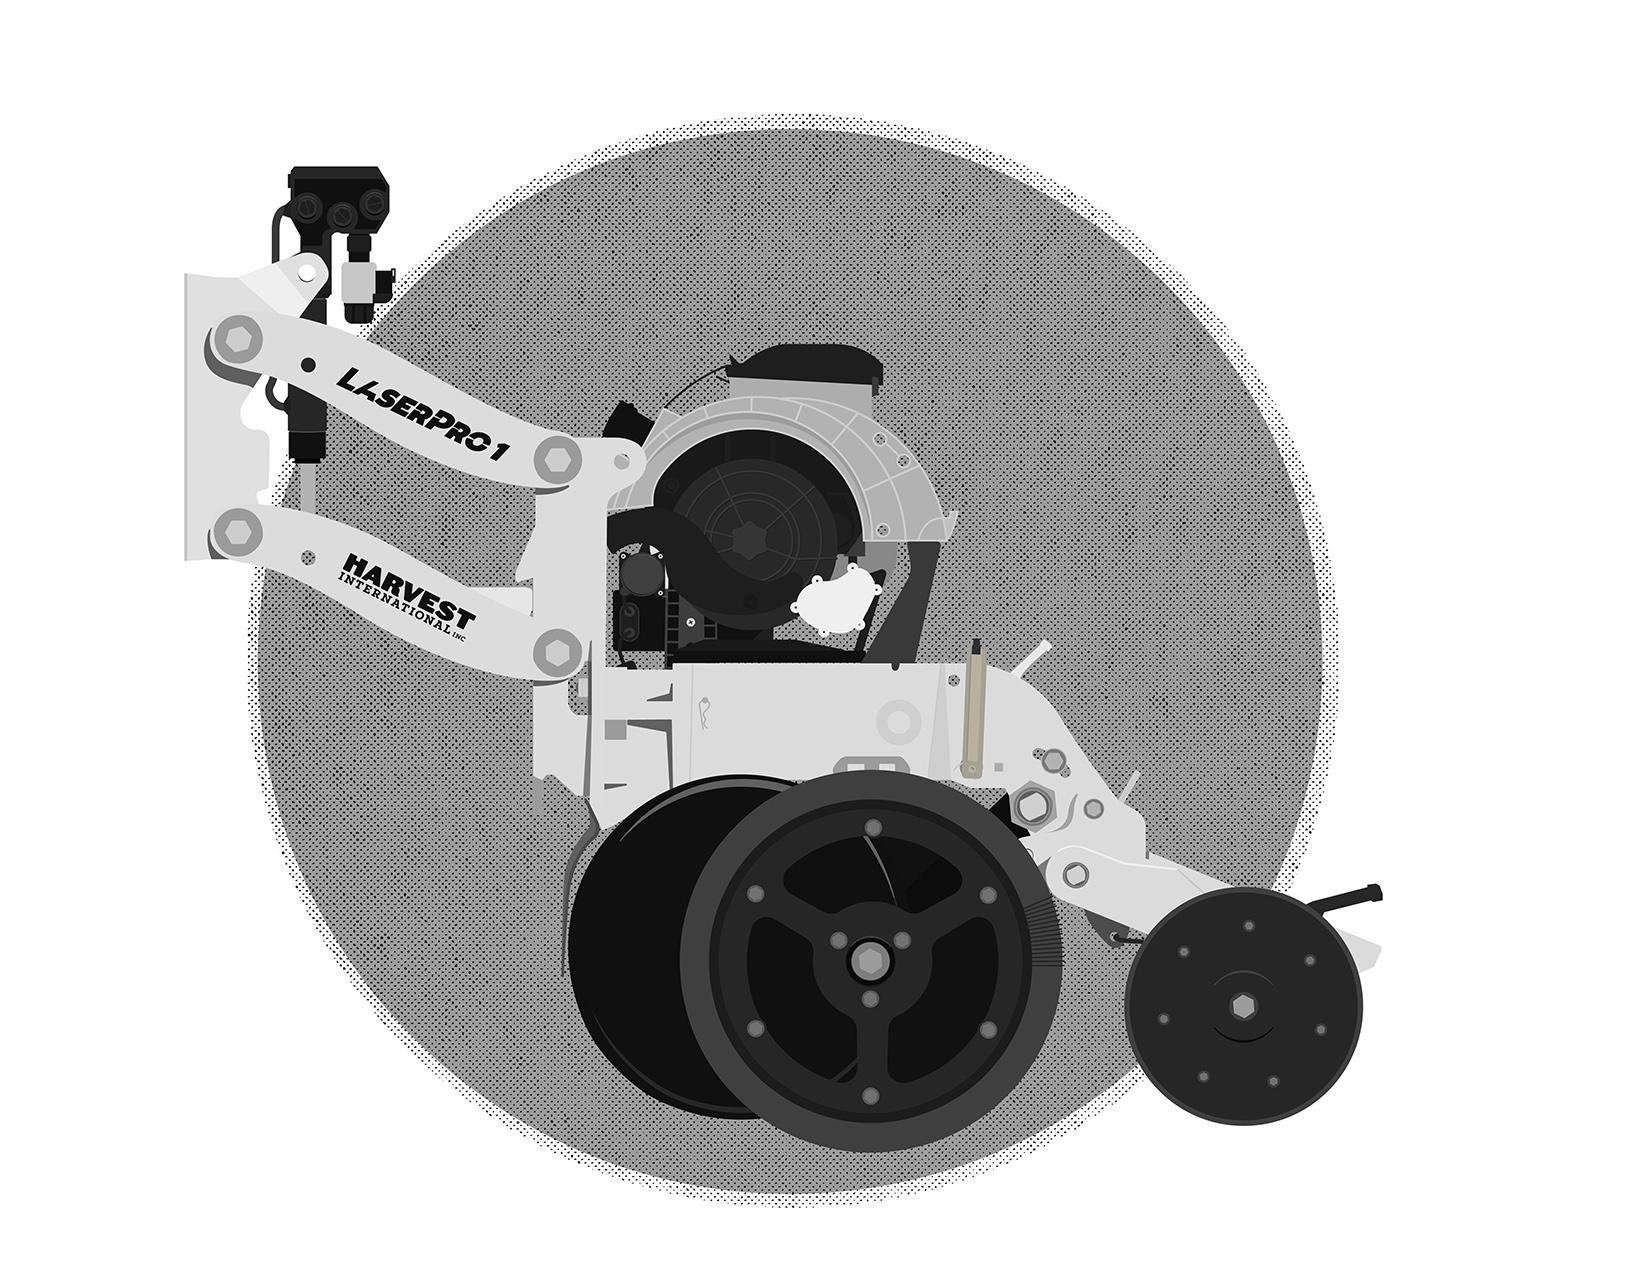 LaserPro 1 vectorPP0-11 copy.jpg